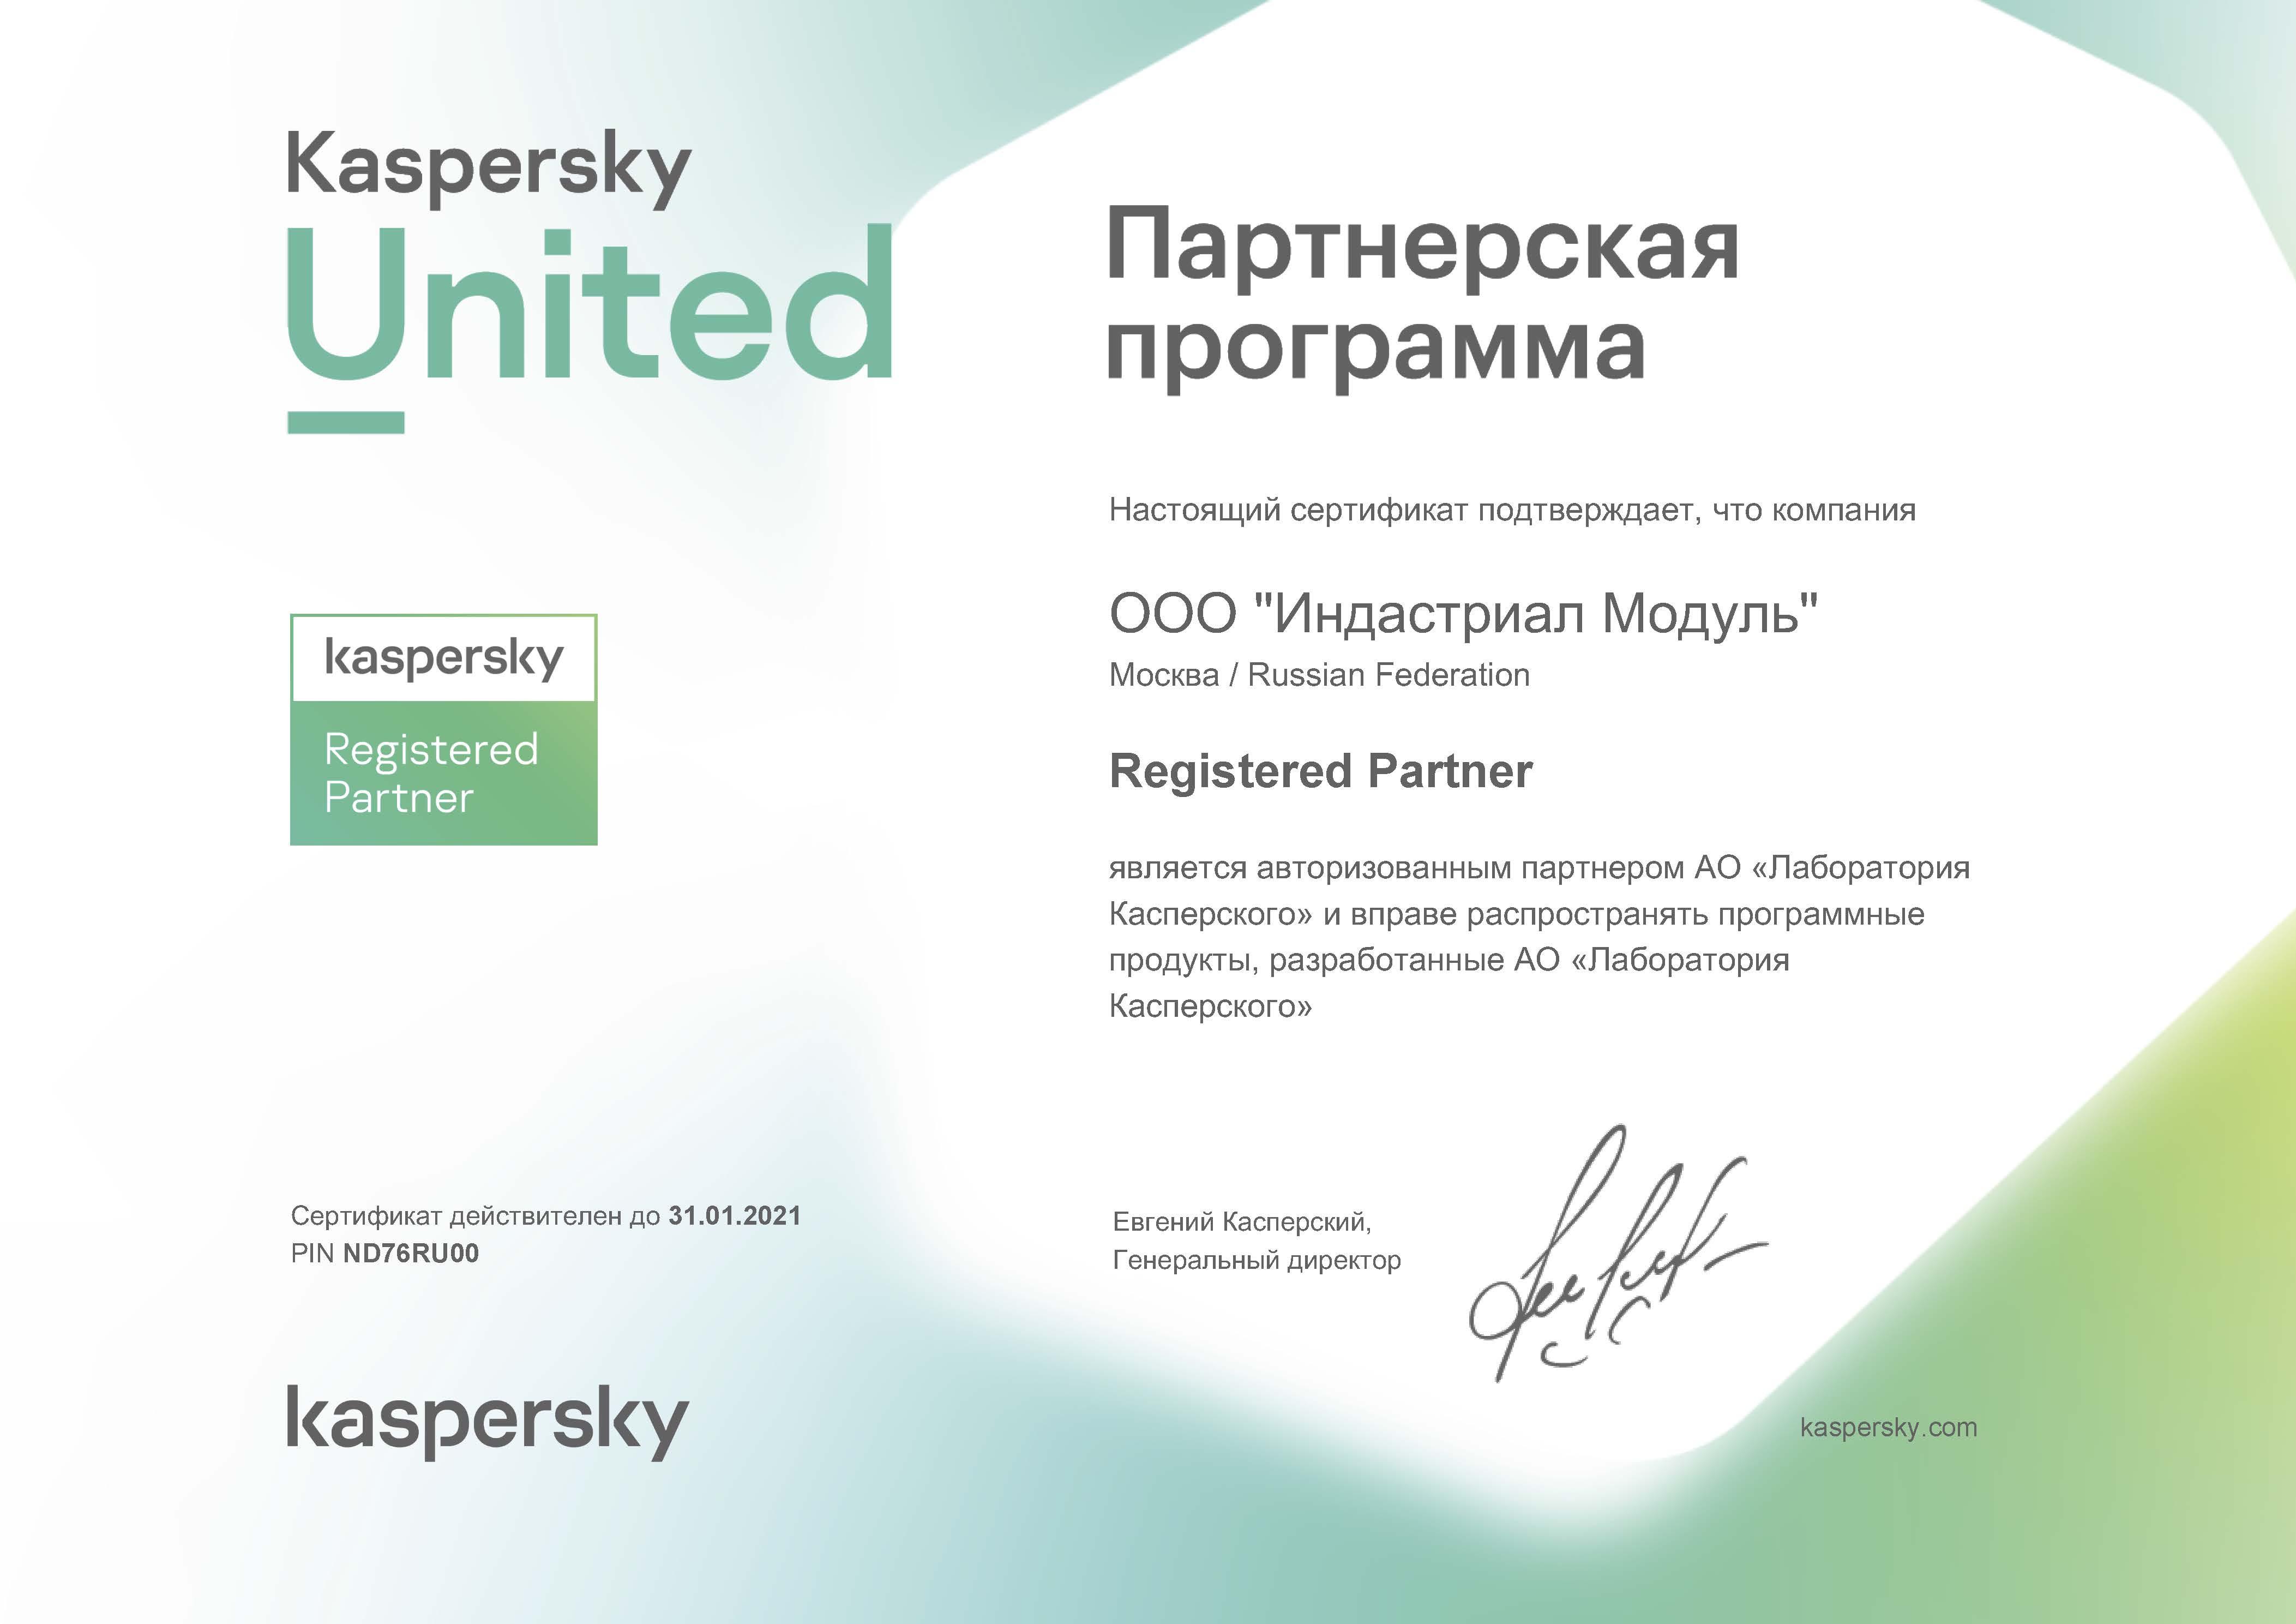 Сертификат партнера Kaspersky для сферы B2C